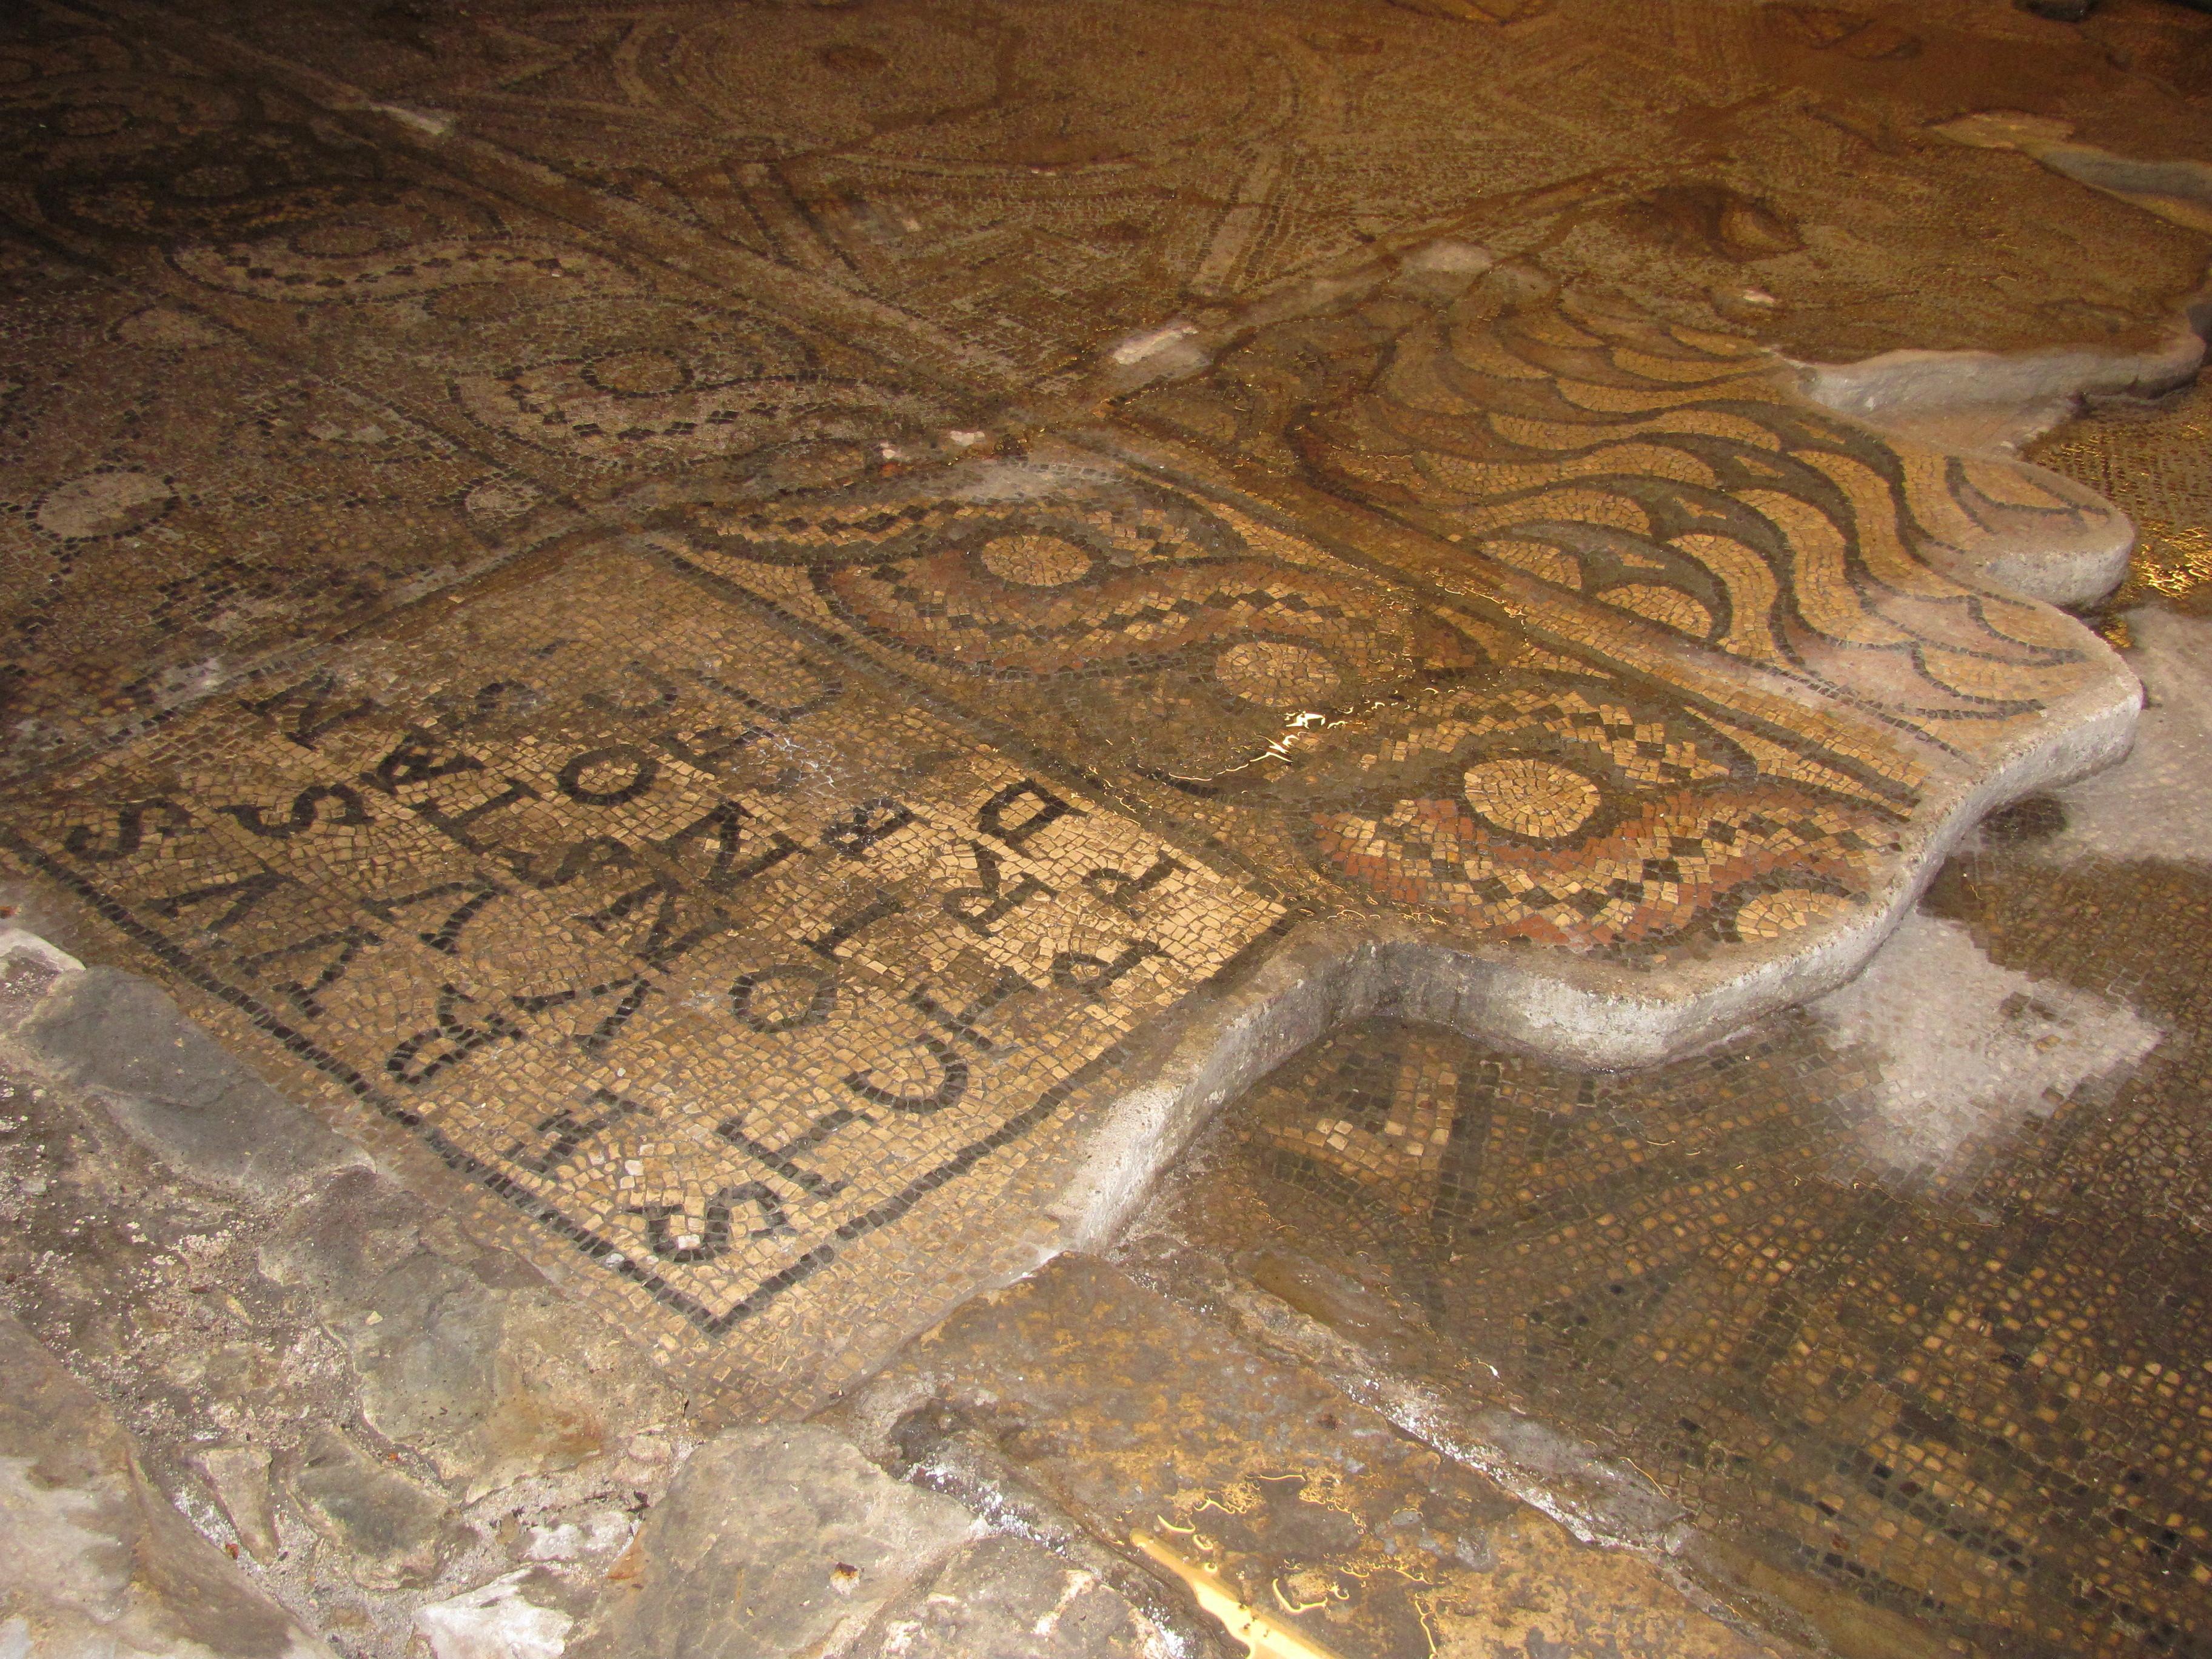 File:Particolare del pavimento a mosaico con iscrizione in lingua latina.jpg - Wikimedia Commons